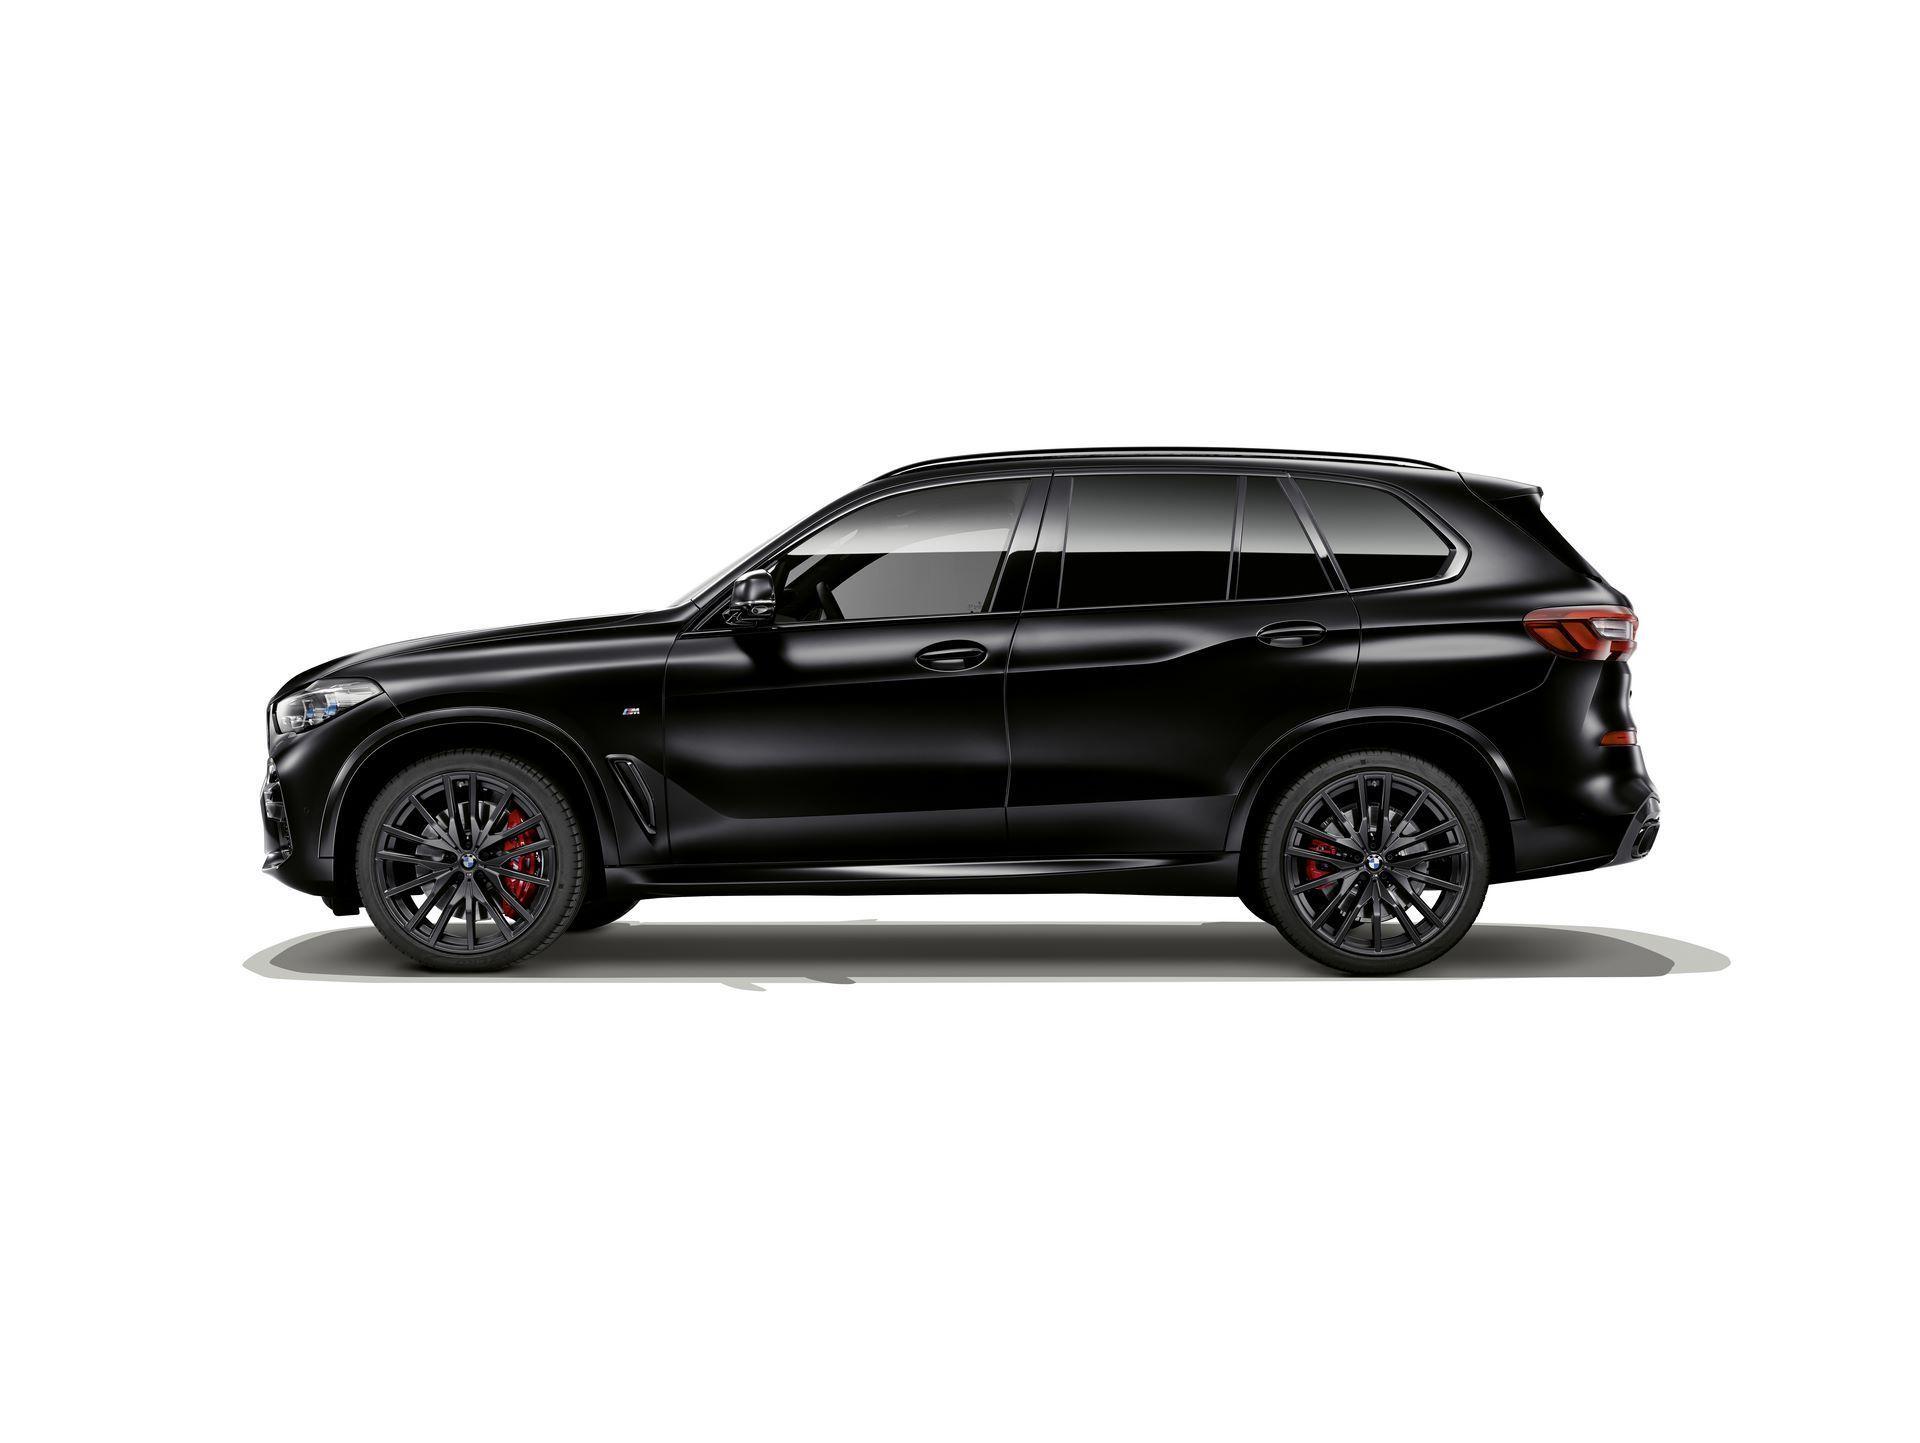 BMW-X5-Χ6-Black-Vermilion-X7-Limited-Edition-34